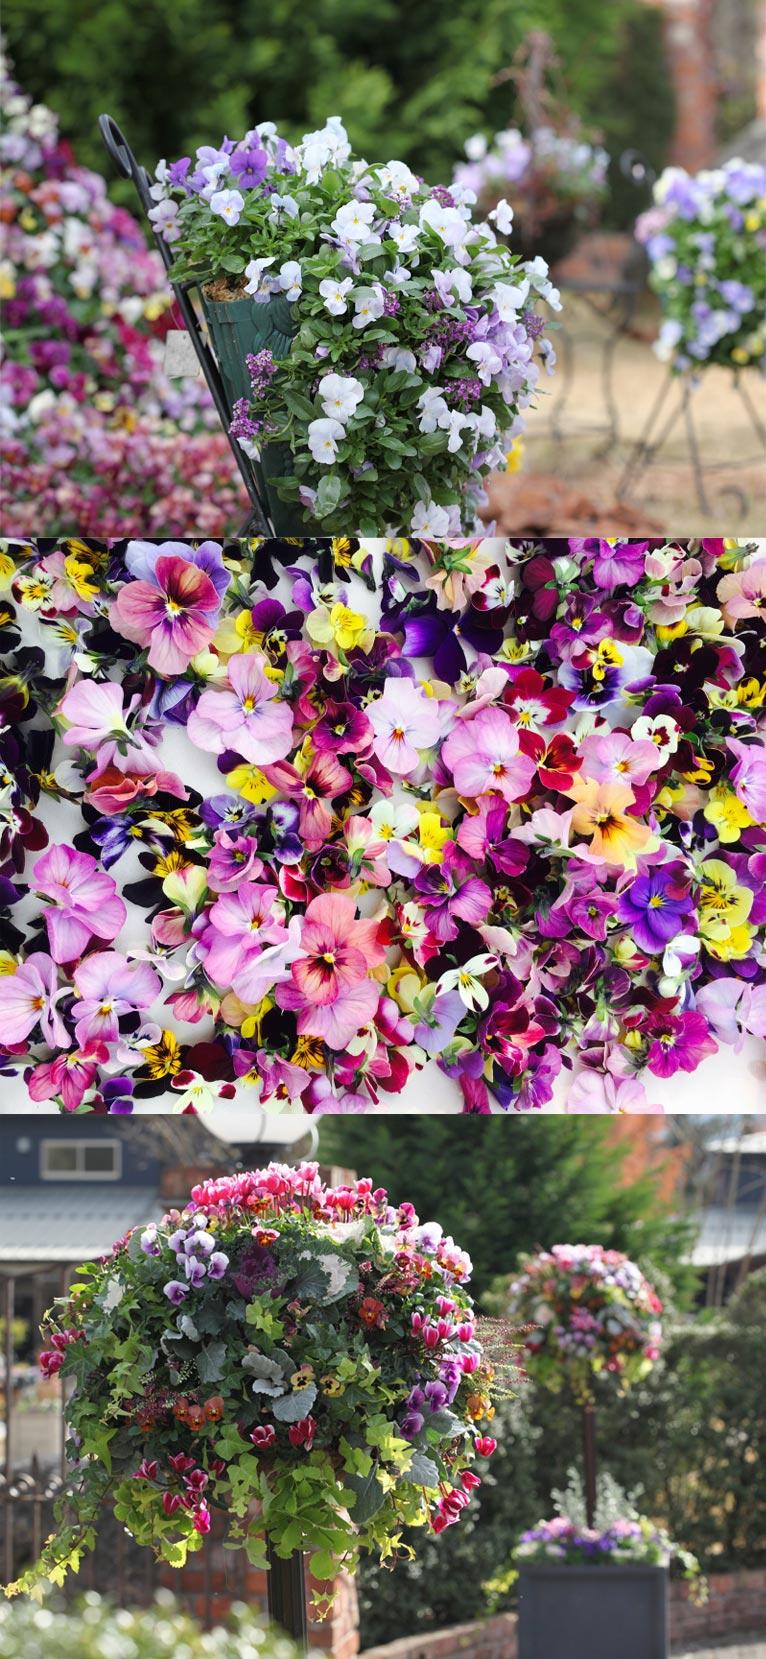 2017年3月22日~4月16日パンジービオラフェスティバル200種類以上!美しい育種ビオラの世界ROSE & BERRY Tawadaローザンベリー多和田